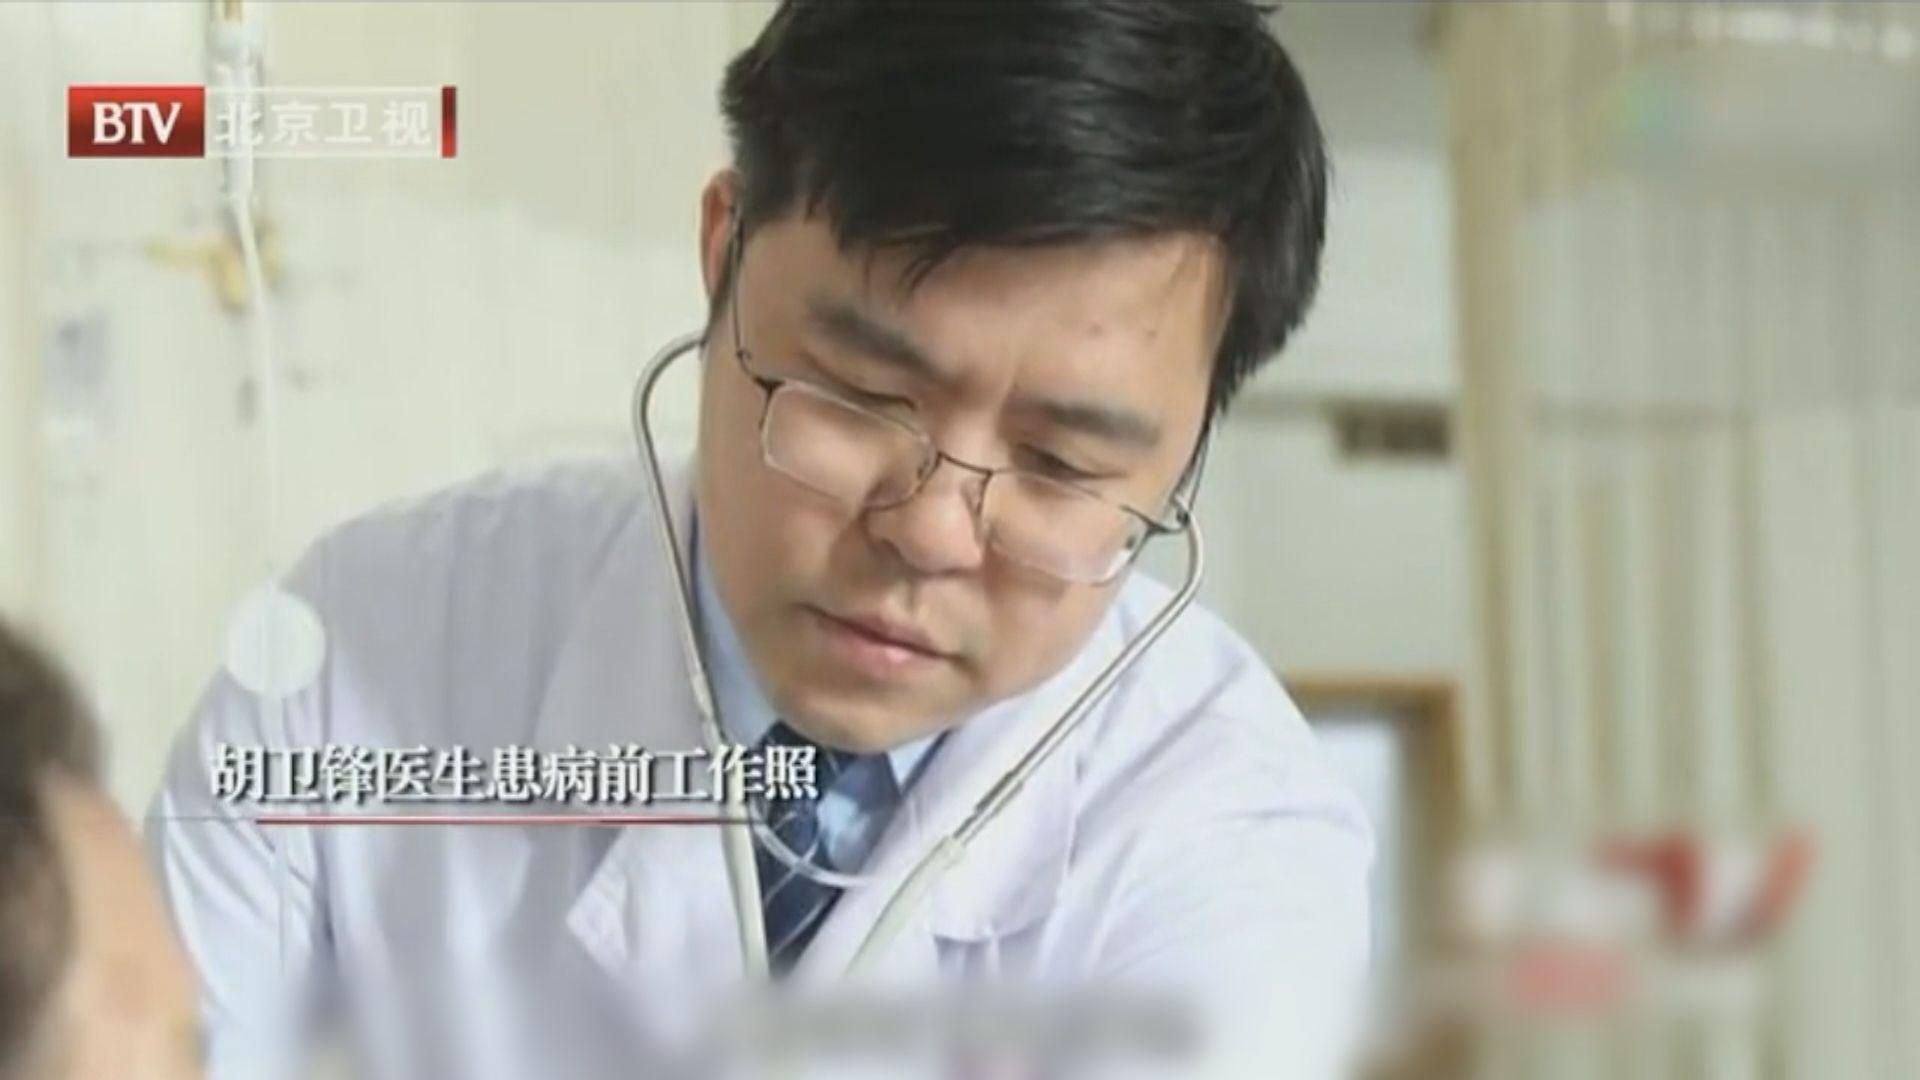 感染新冠病毒後全身發黑的內地醫生不治